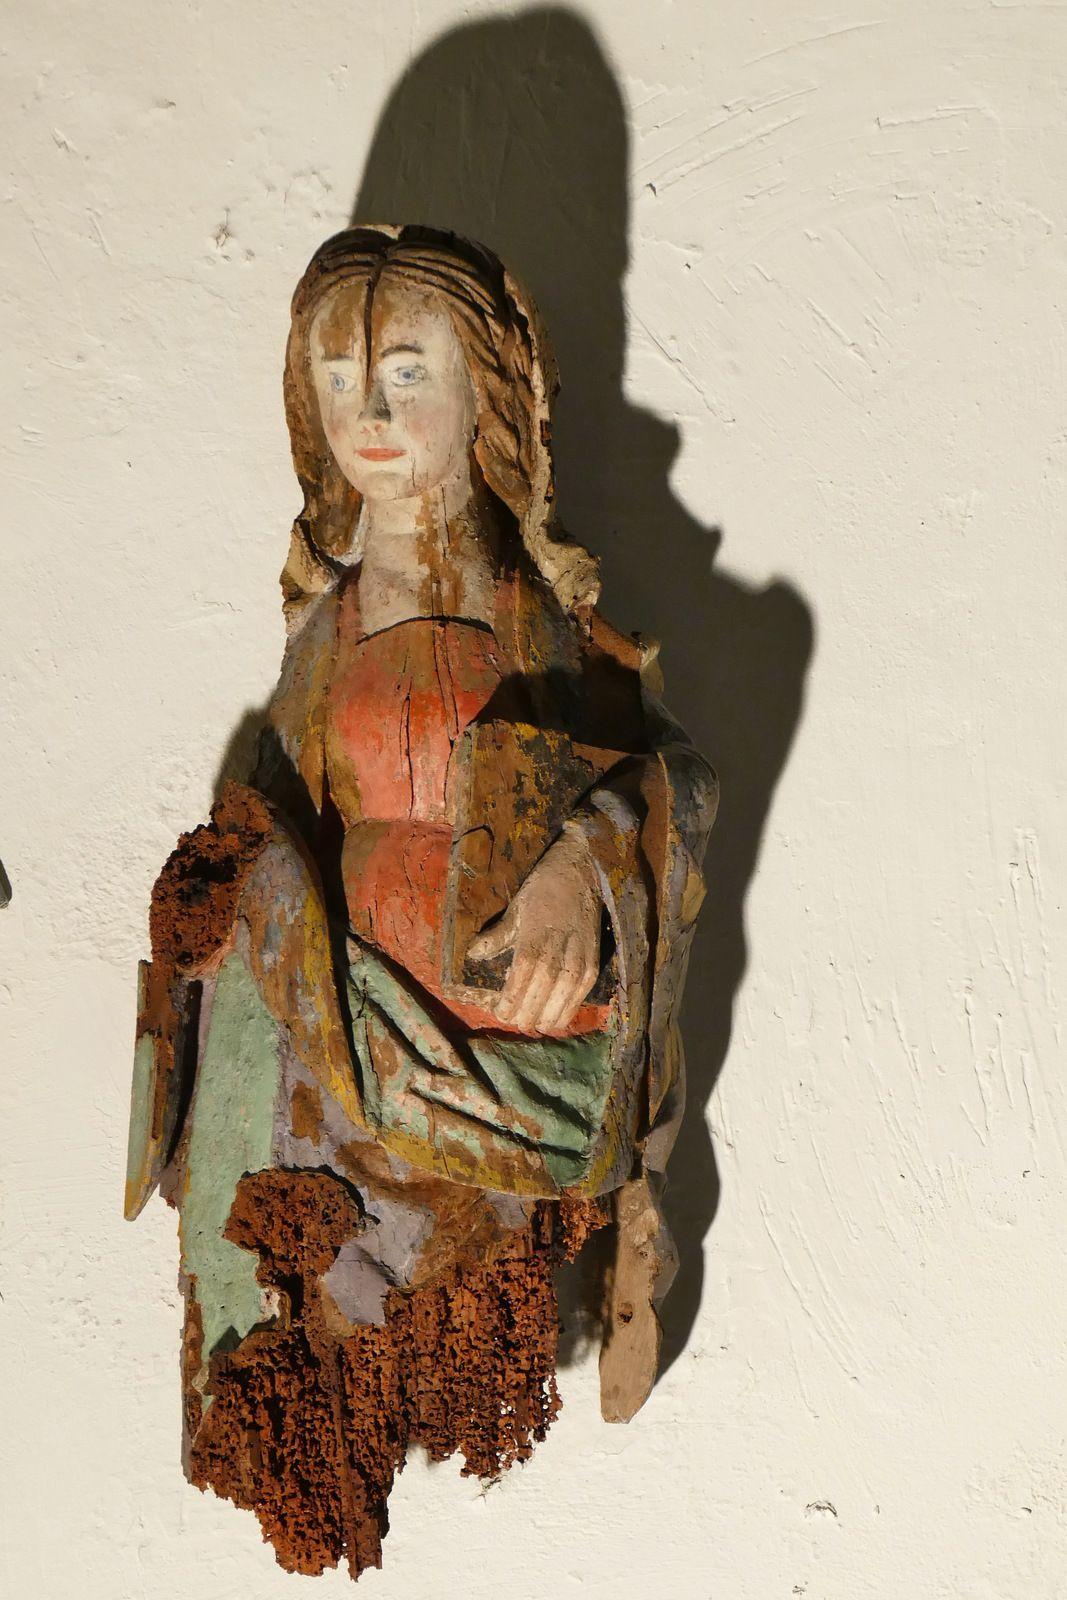 Statue de sainte Julitte provenant de la chapelle de Lanjulitte, exposée dans l' église de Telgruc. Photographie lavieb-aile juillet 2020.